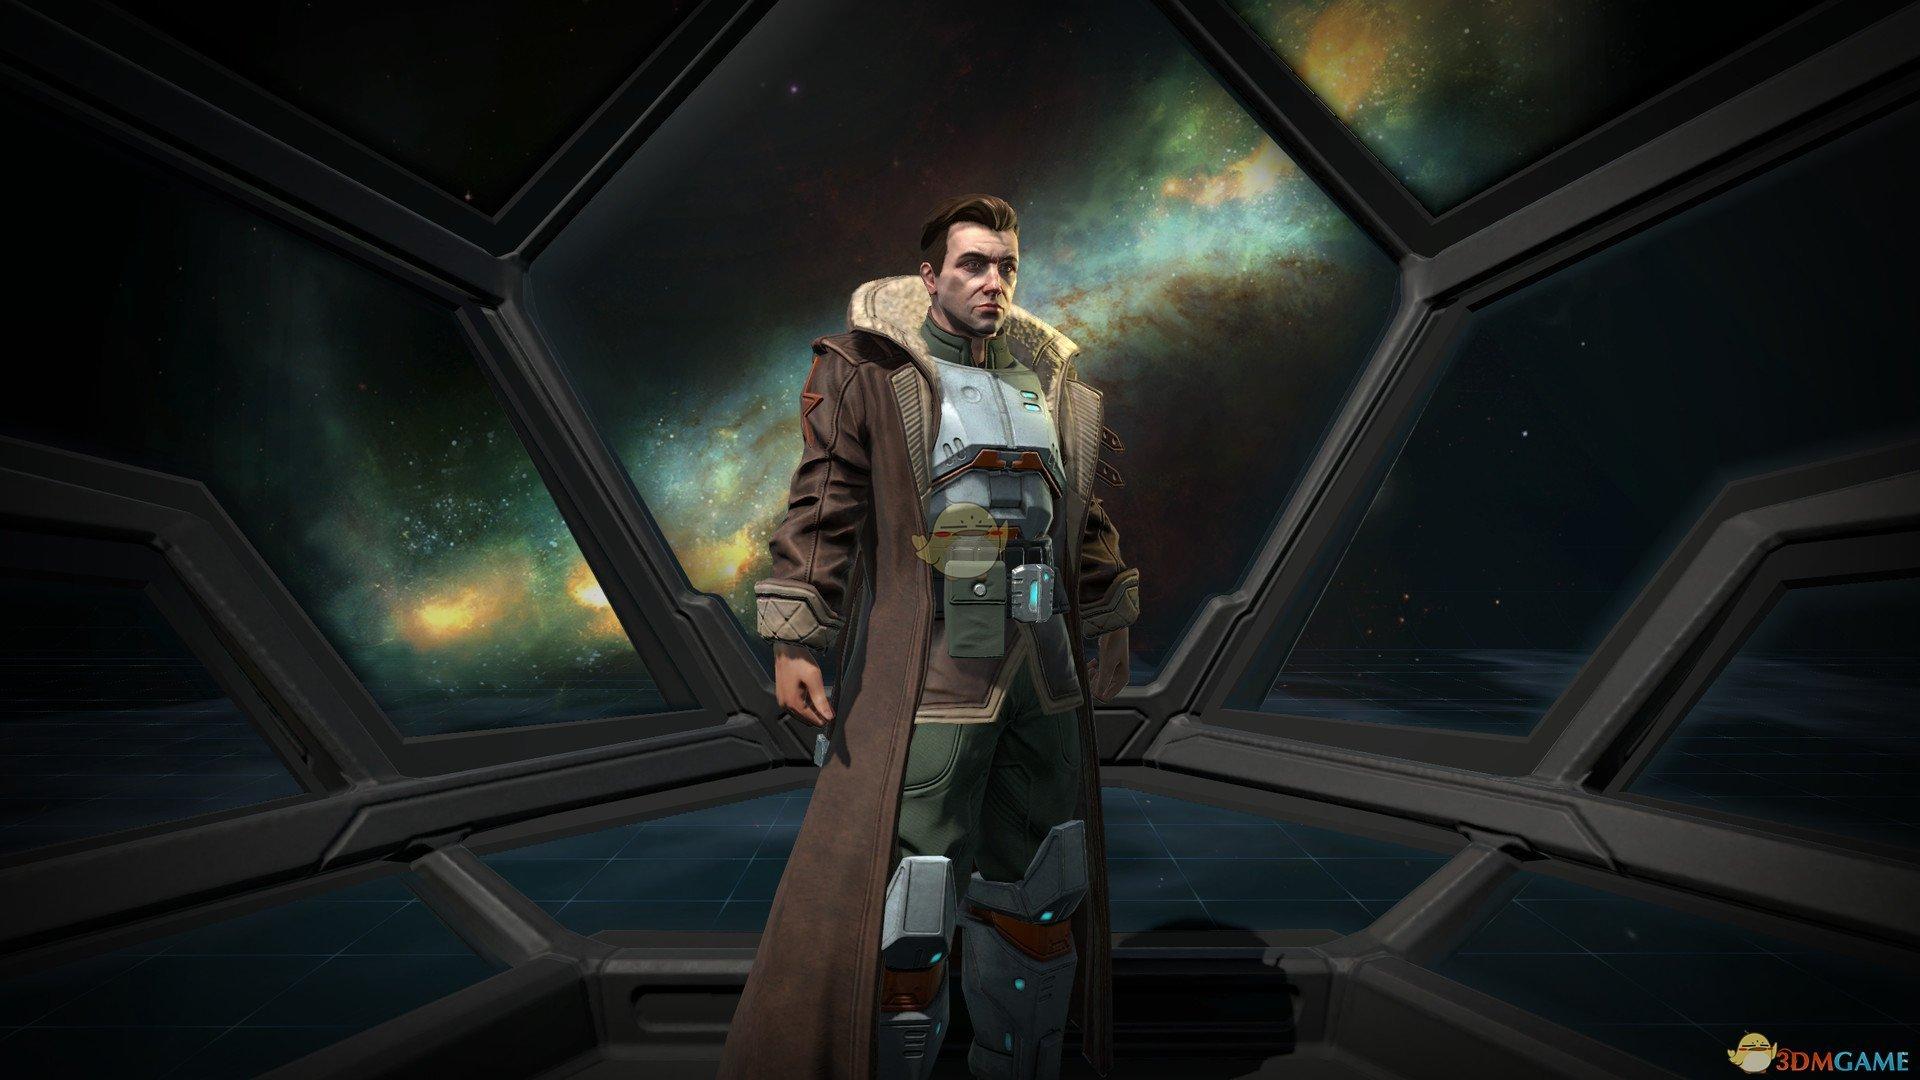 《奇迹时代:星陨》食尸者单位使用技巧介绍